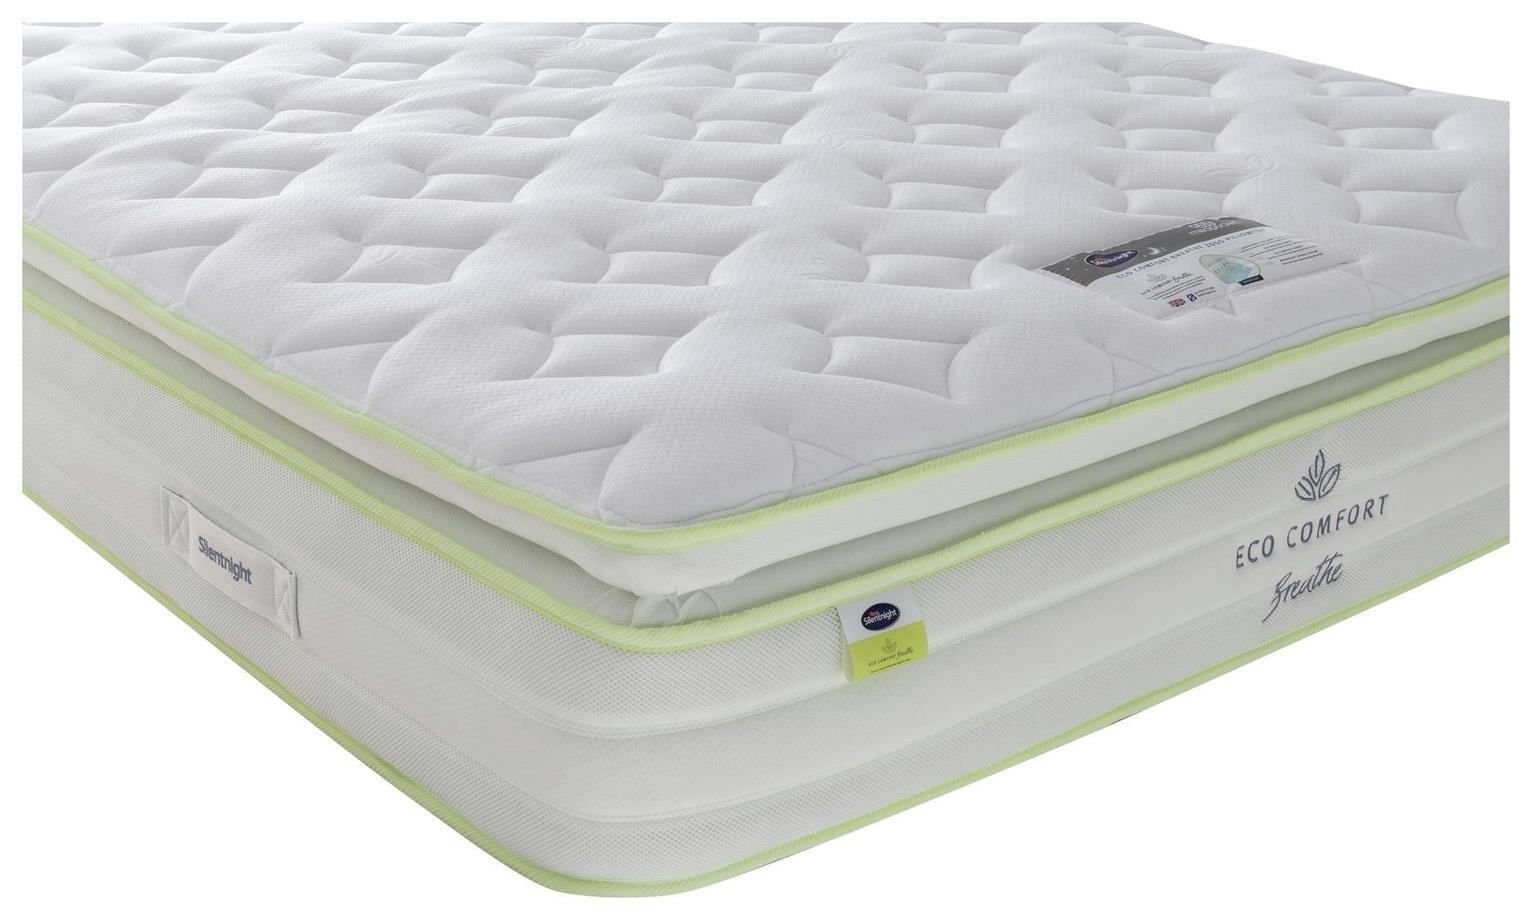 Silentnight Eco Comfort Breathe Pillowtop Superking Mattress